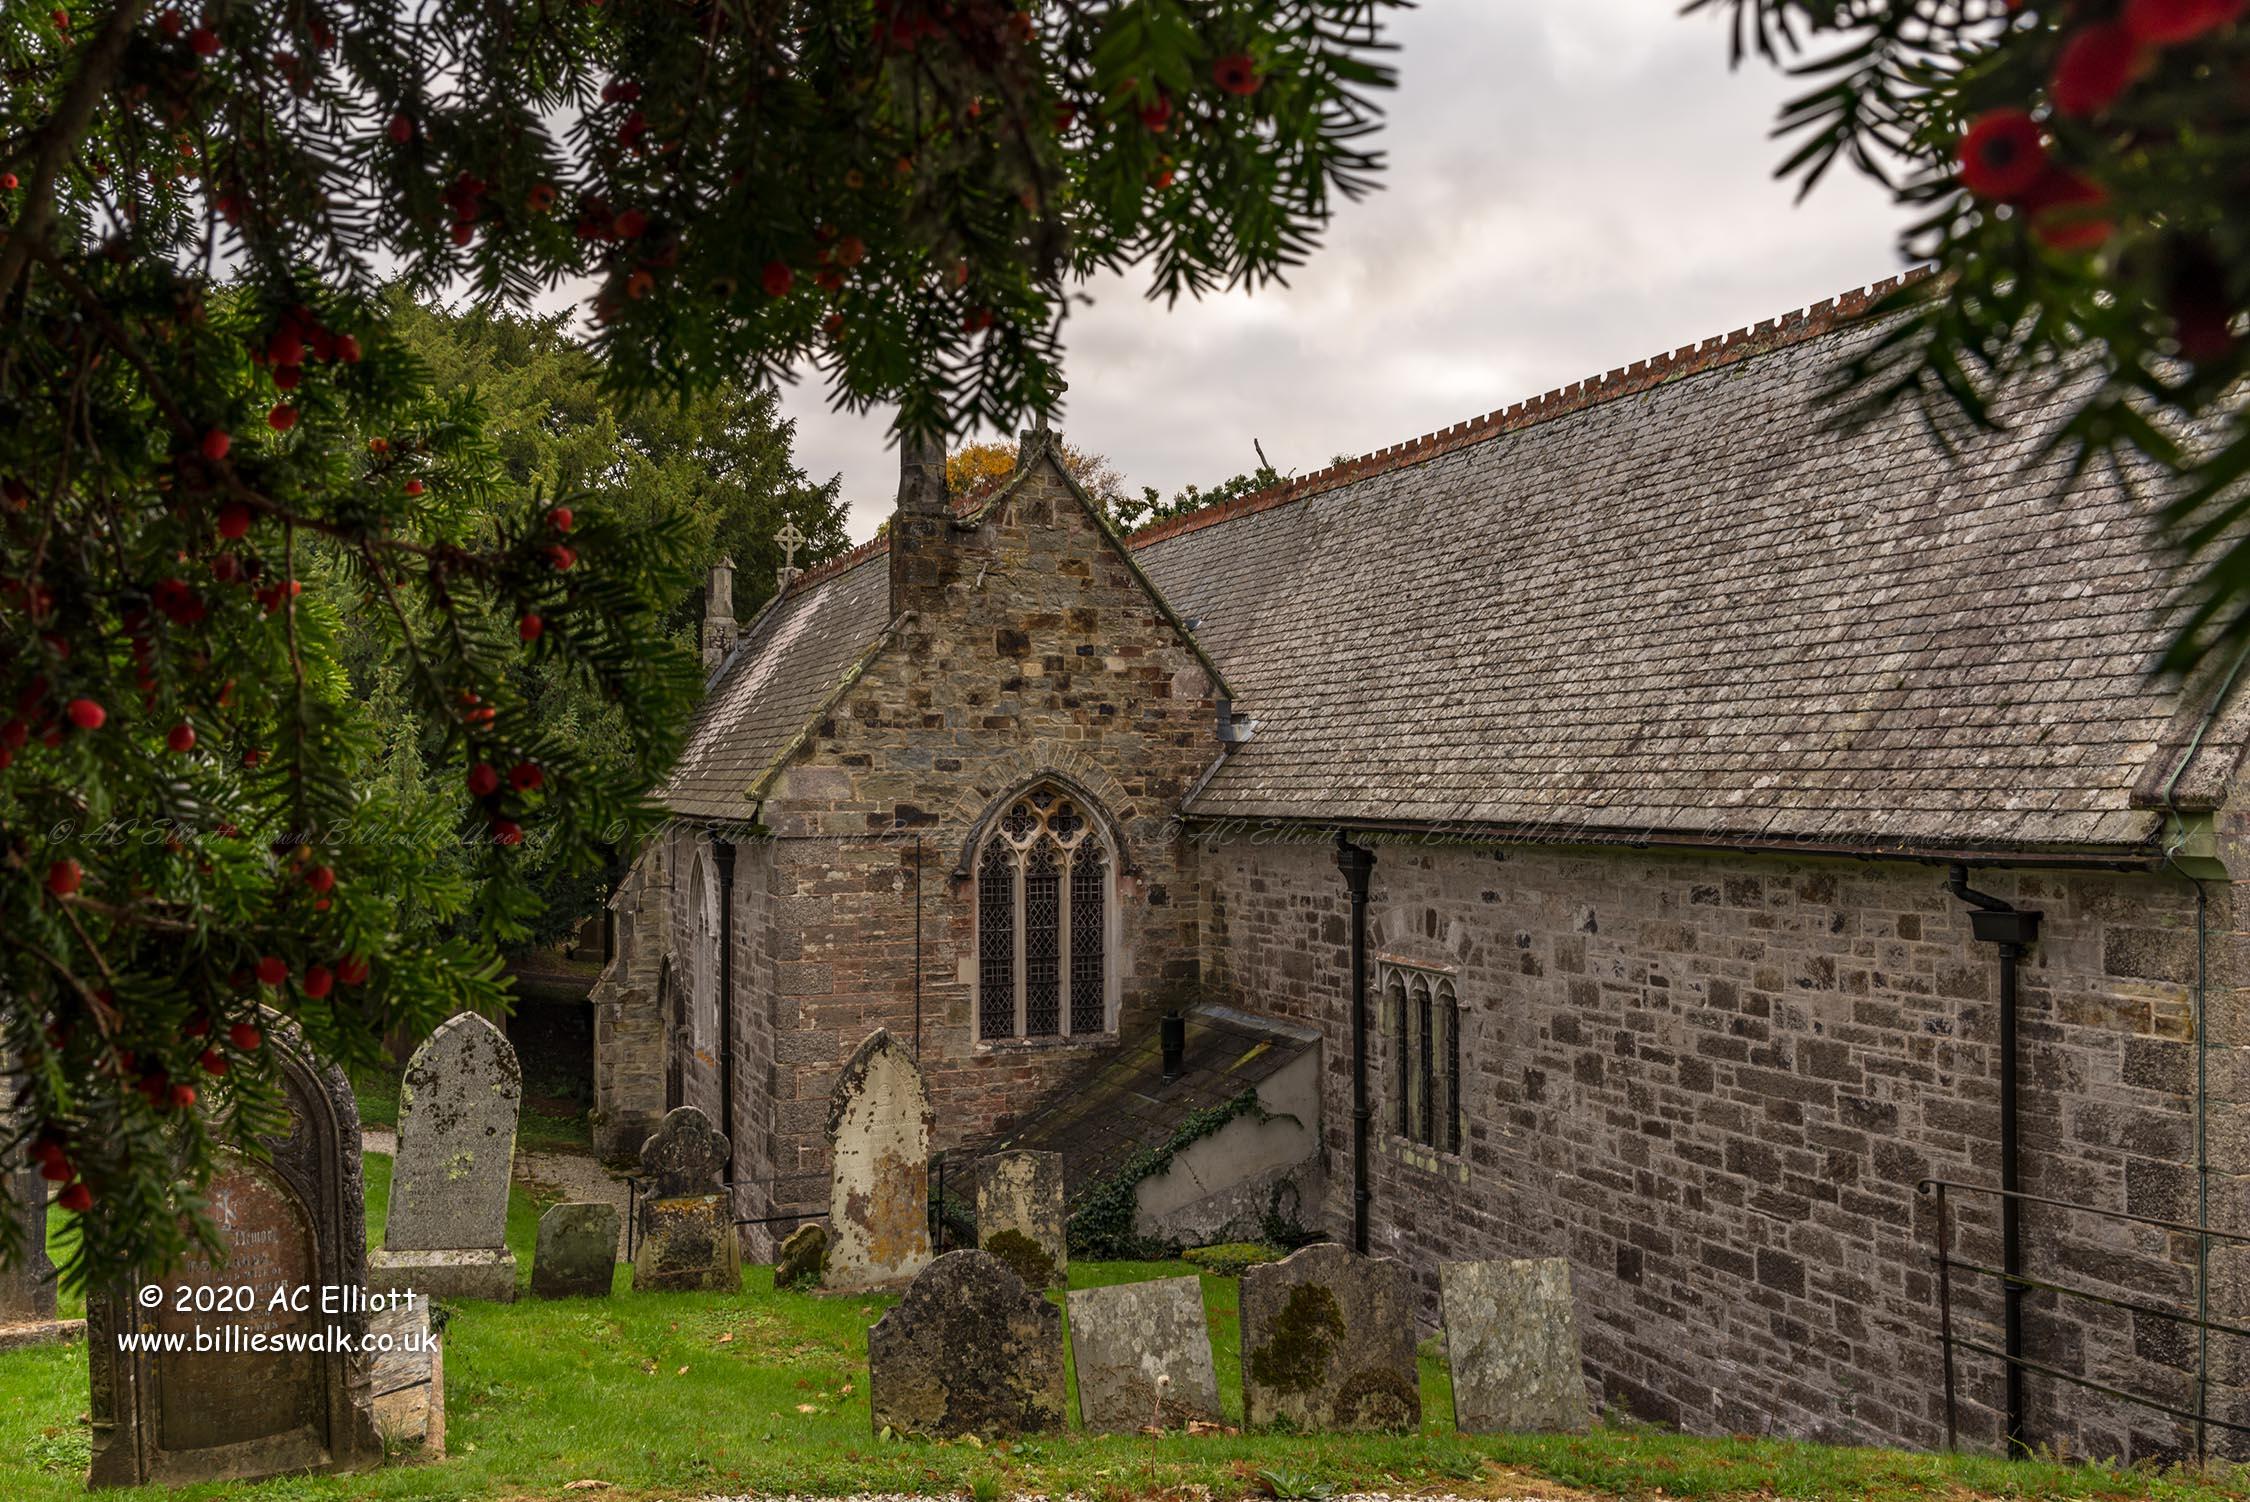 Parish Church of St Feock